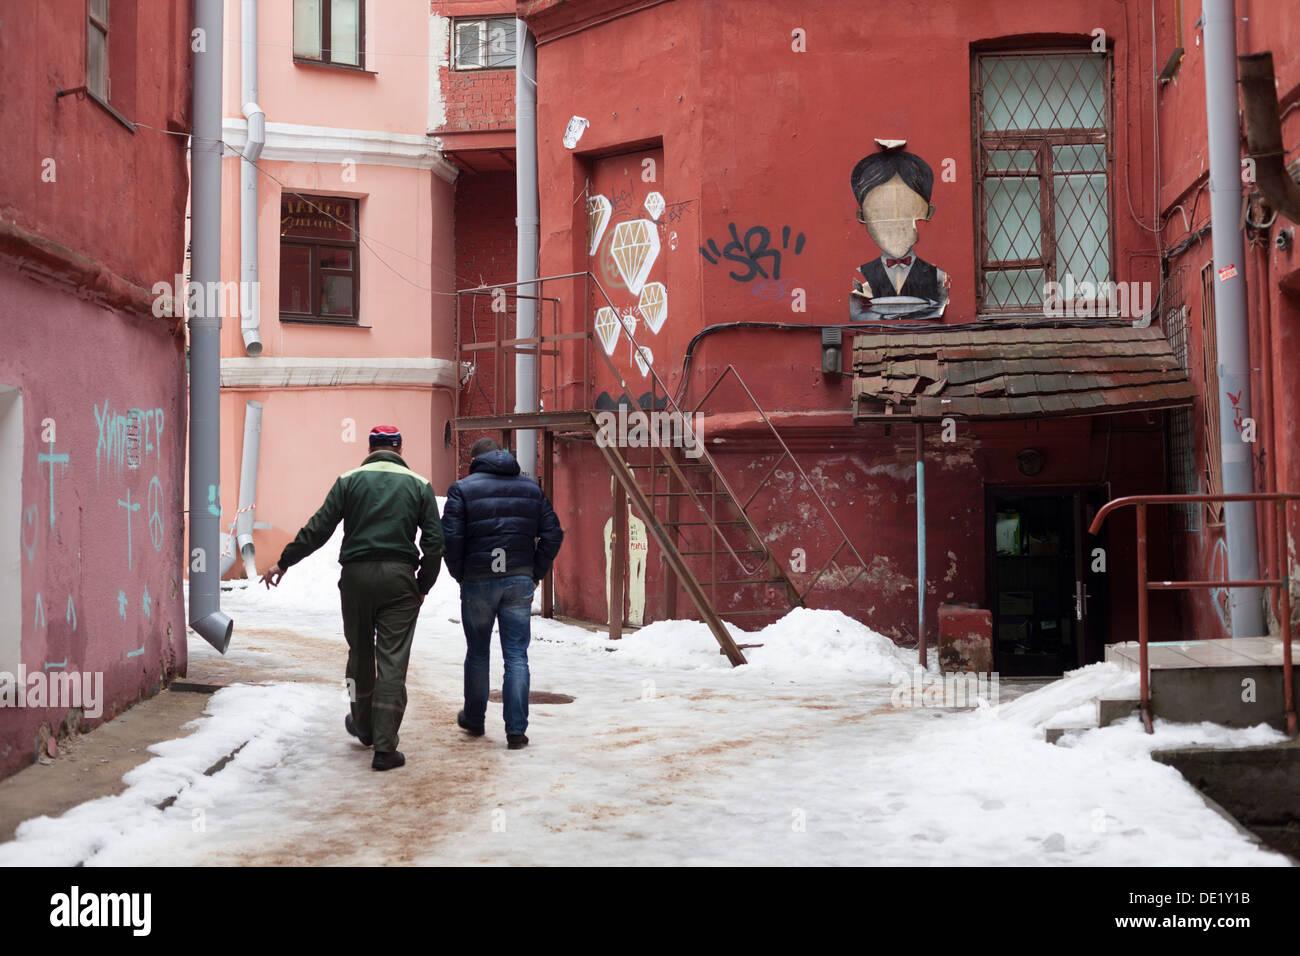 street scene in Minsk - Stock Image